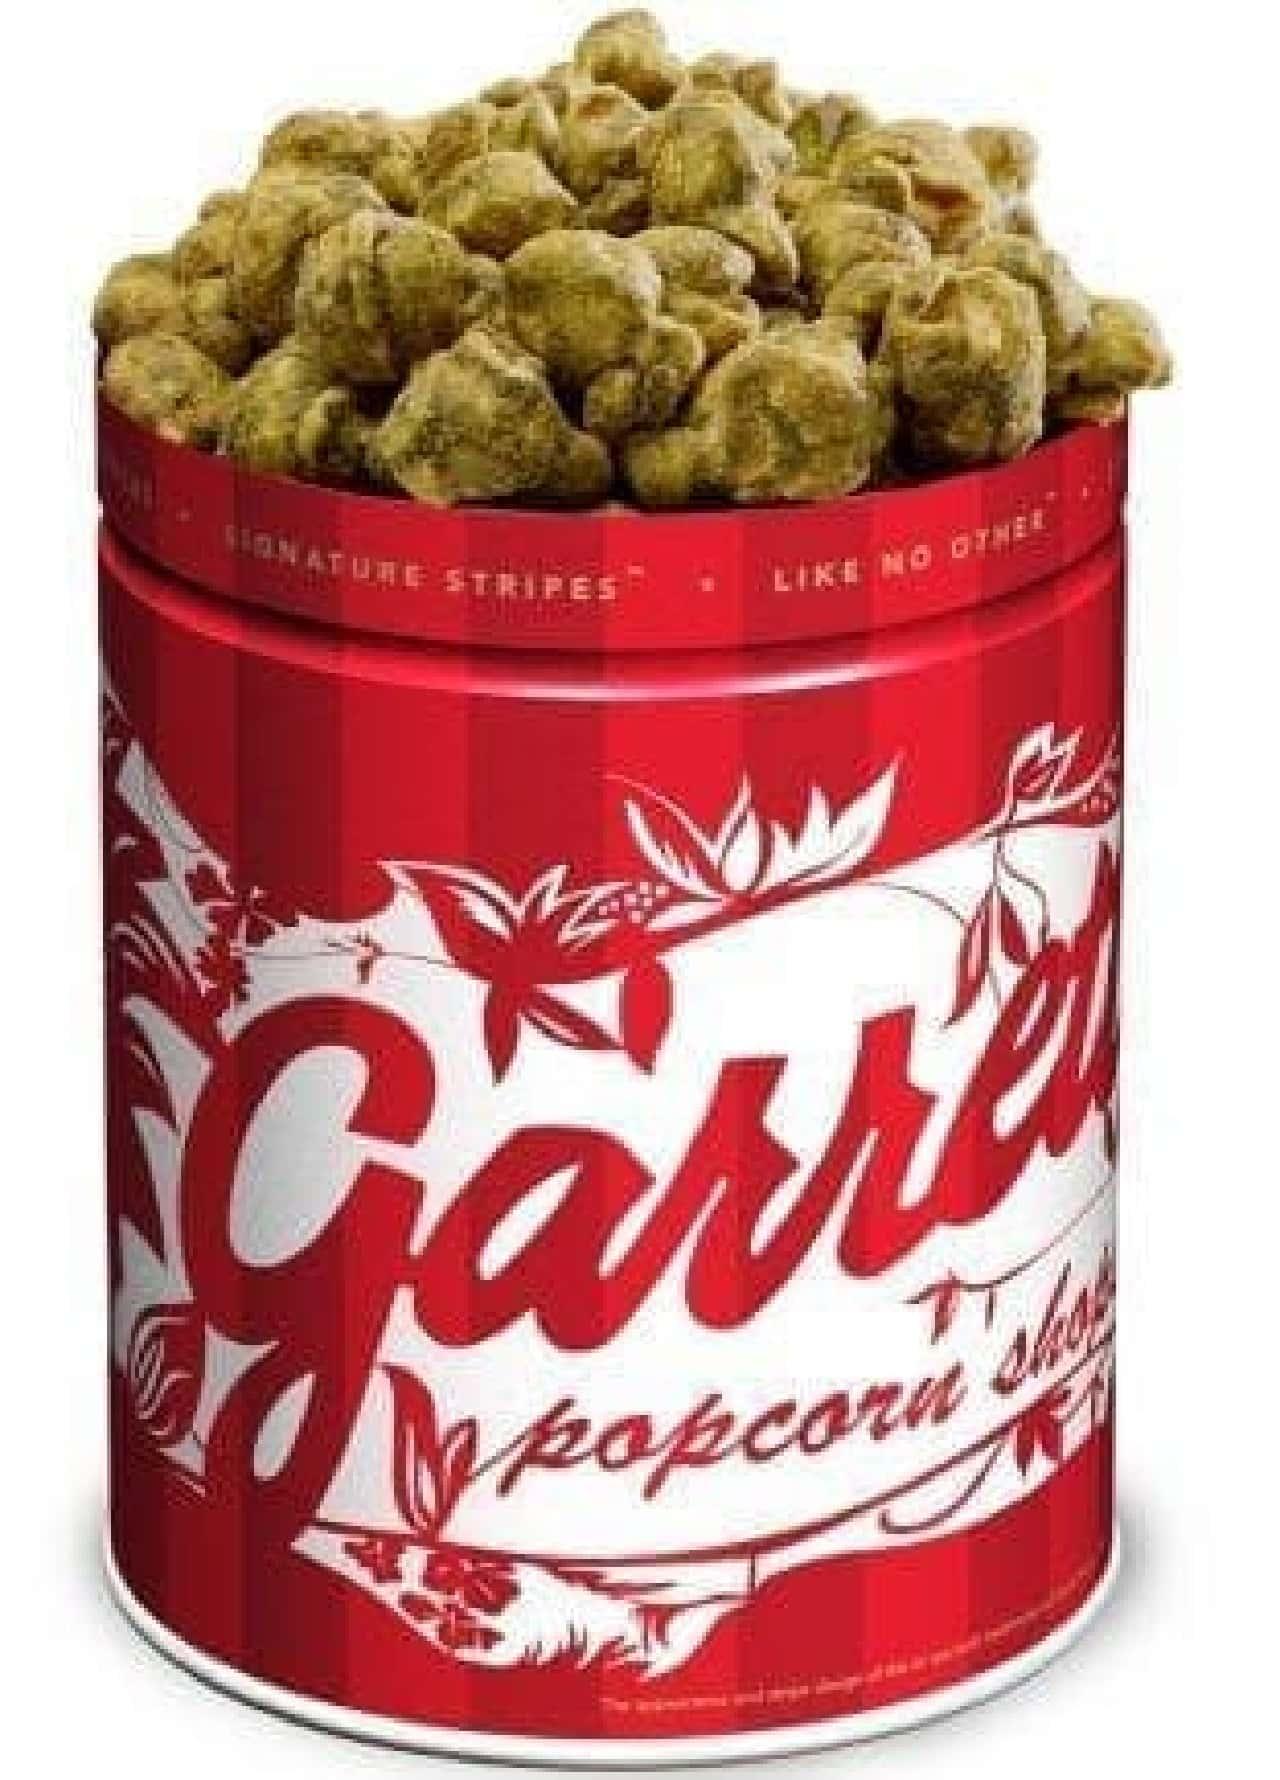 ギャレット ポップコーン ショップス日本限定フレーバー「抹茶黒蜜きなこ」